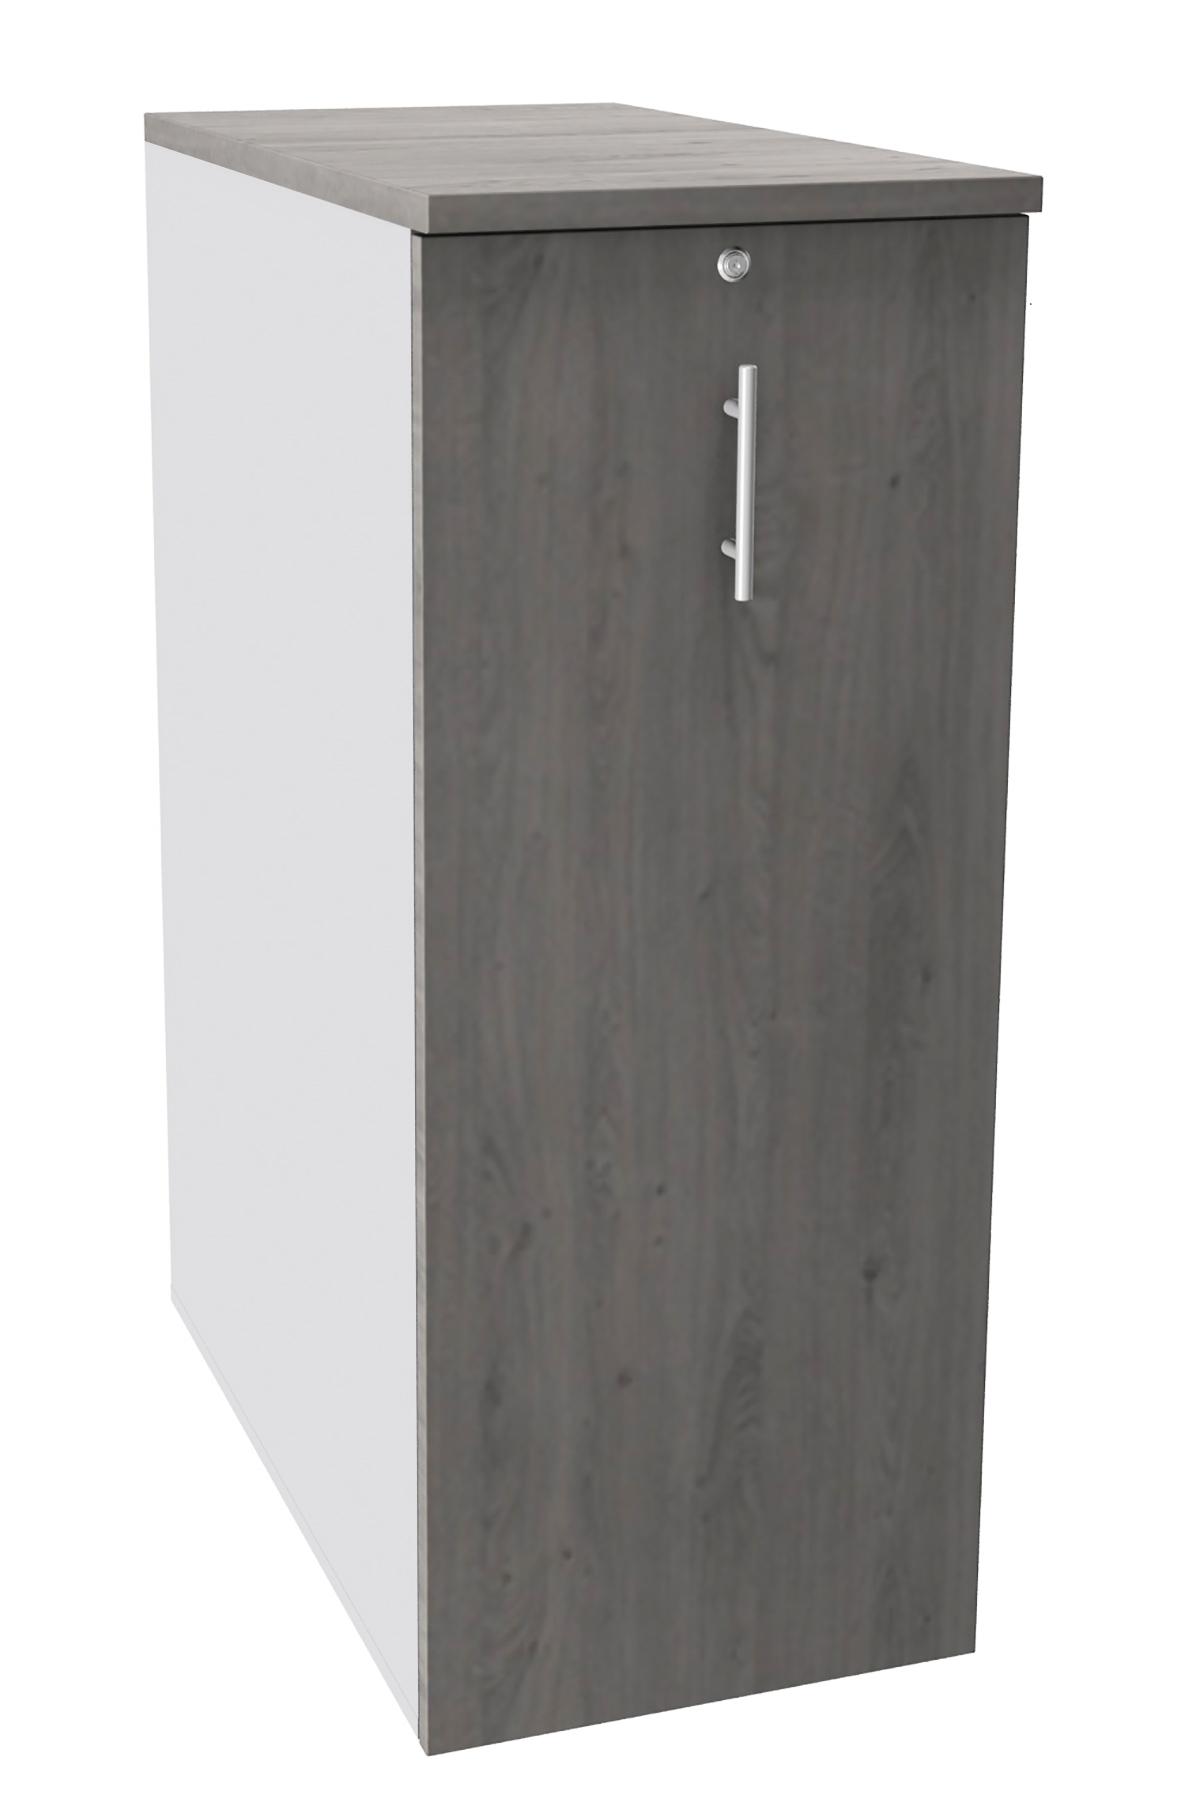 Caisson TOWER - L44 x H114 x P80 cm - 3 tablettes + 1 support DS réglable - structure blanc perle - dessus et façade imitation chêne gris